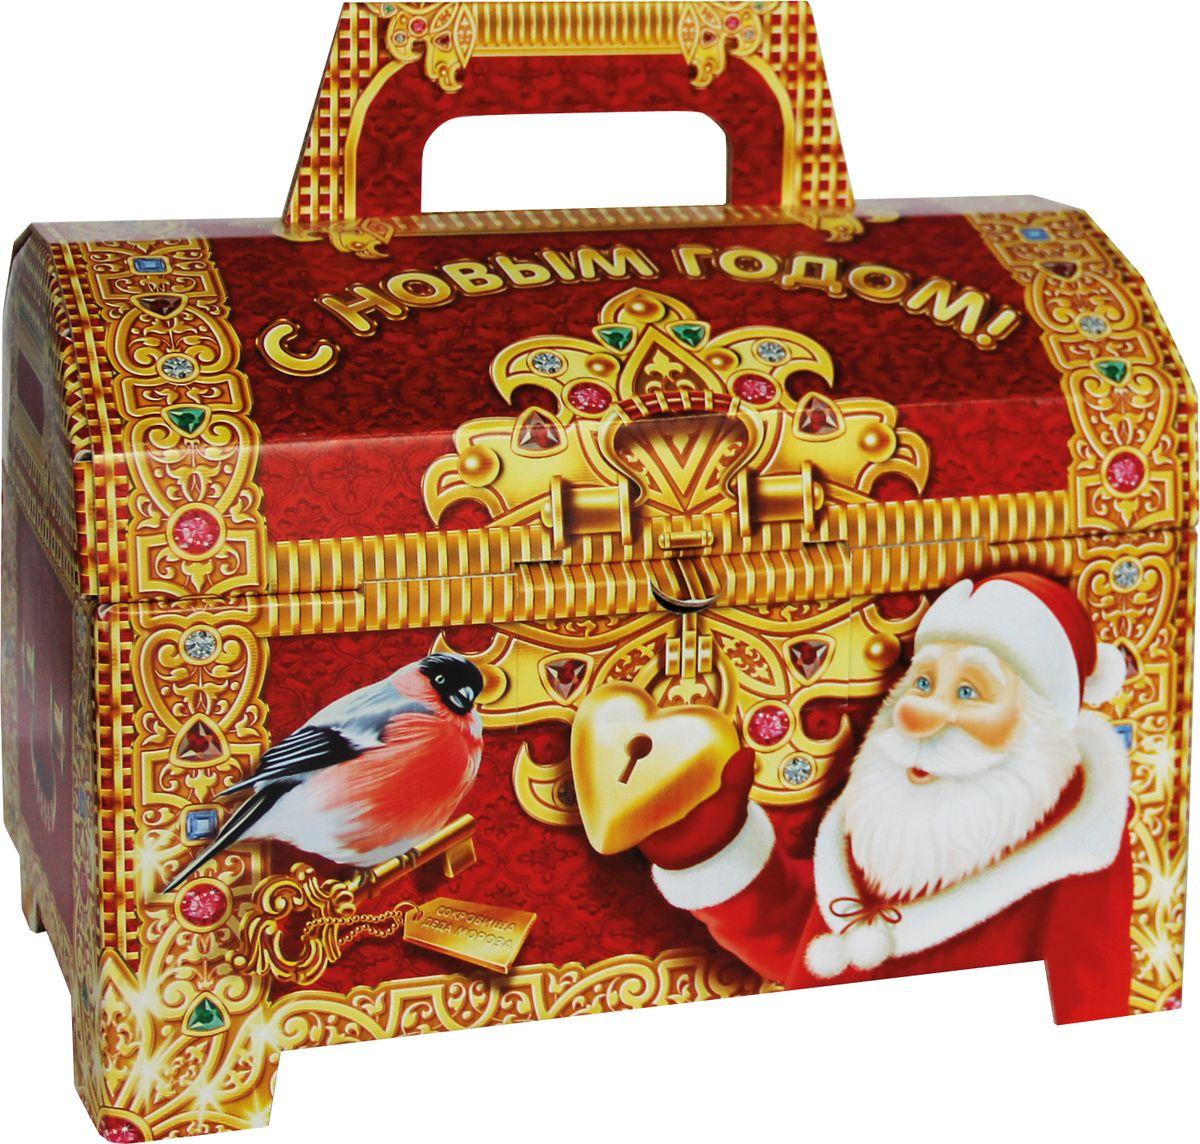 Славянка Детский сундучок новогодний подарок , 654 г19270Новогодний подарок из шоколадных конфет известных брендов.